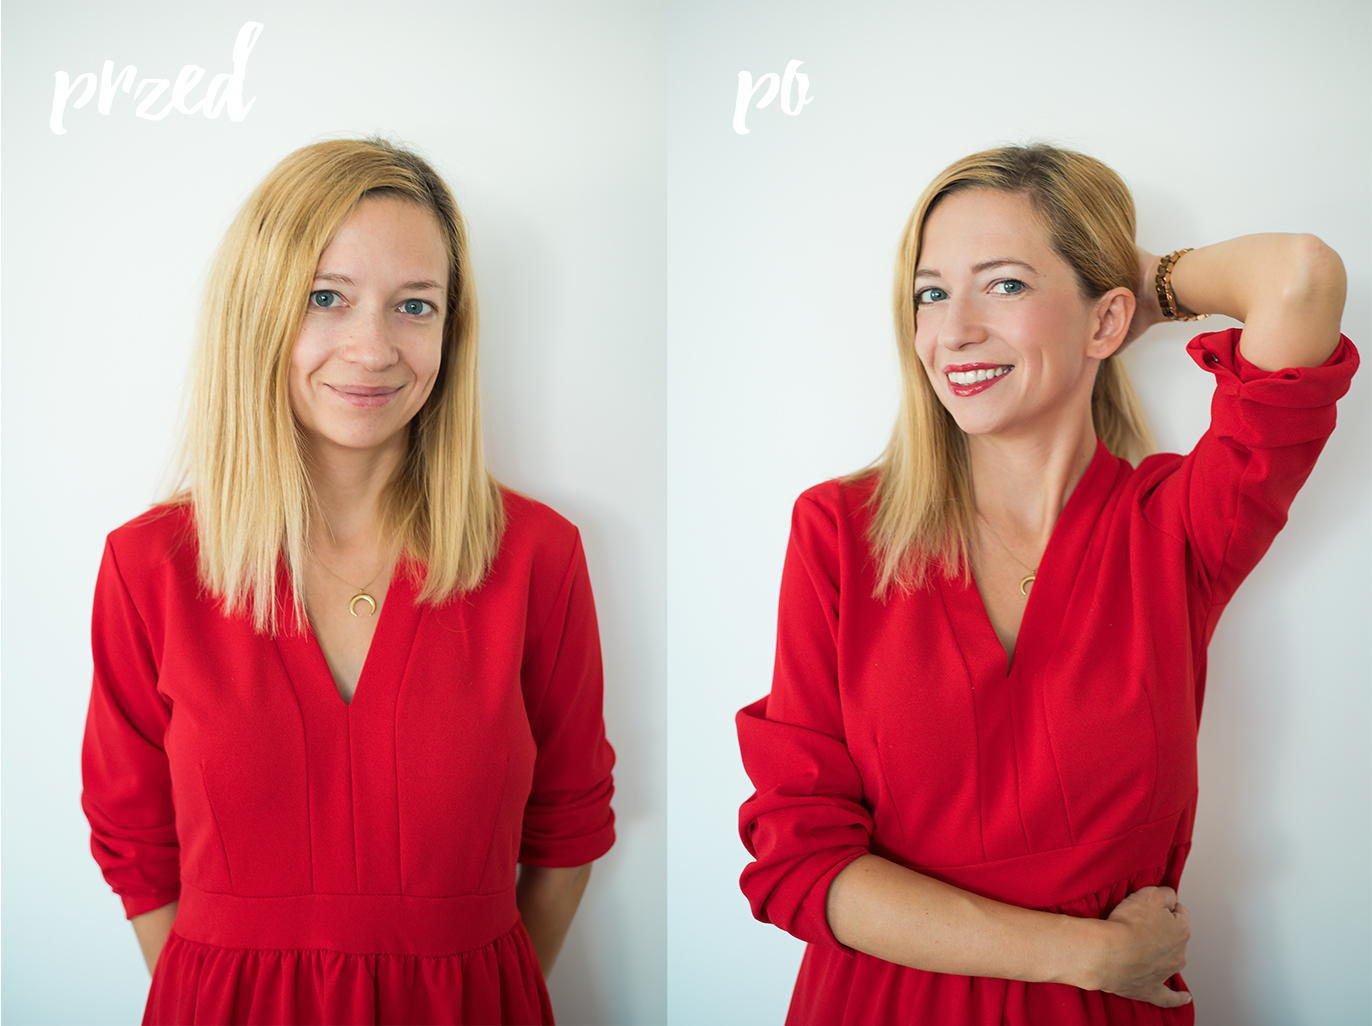 Jak zrobić makijaż? Te triki powinna znać każda z nas!